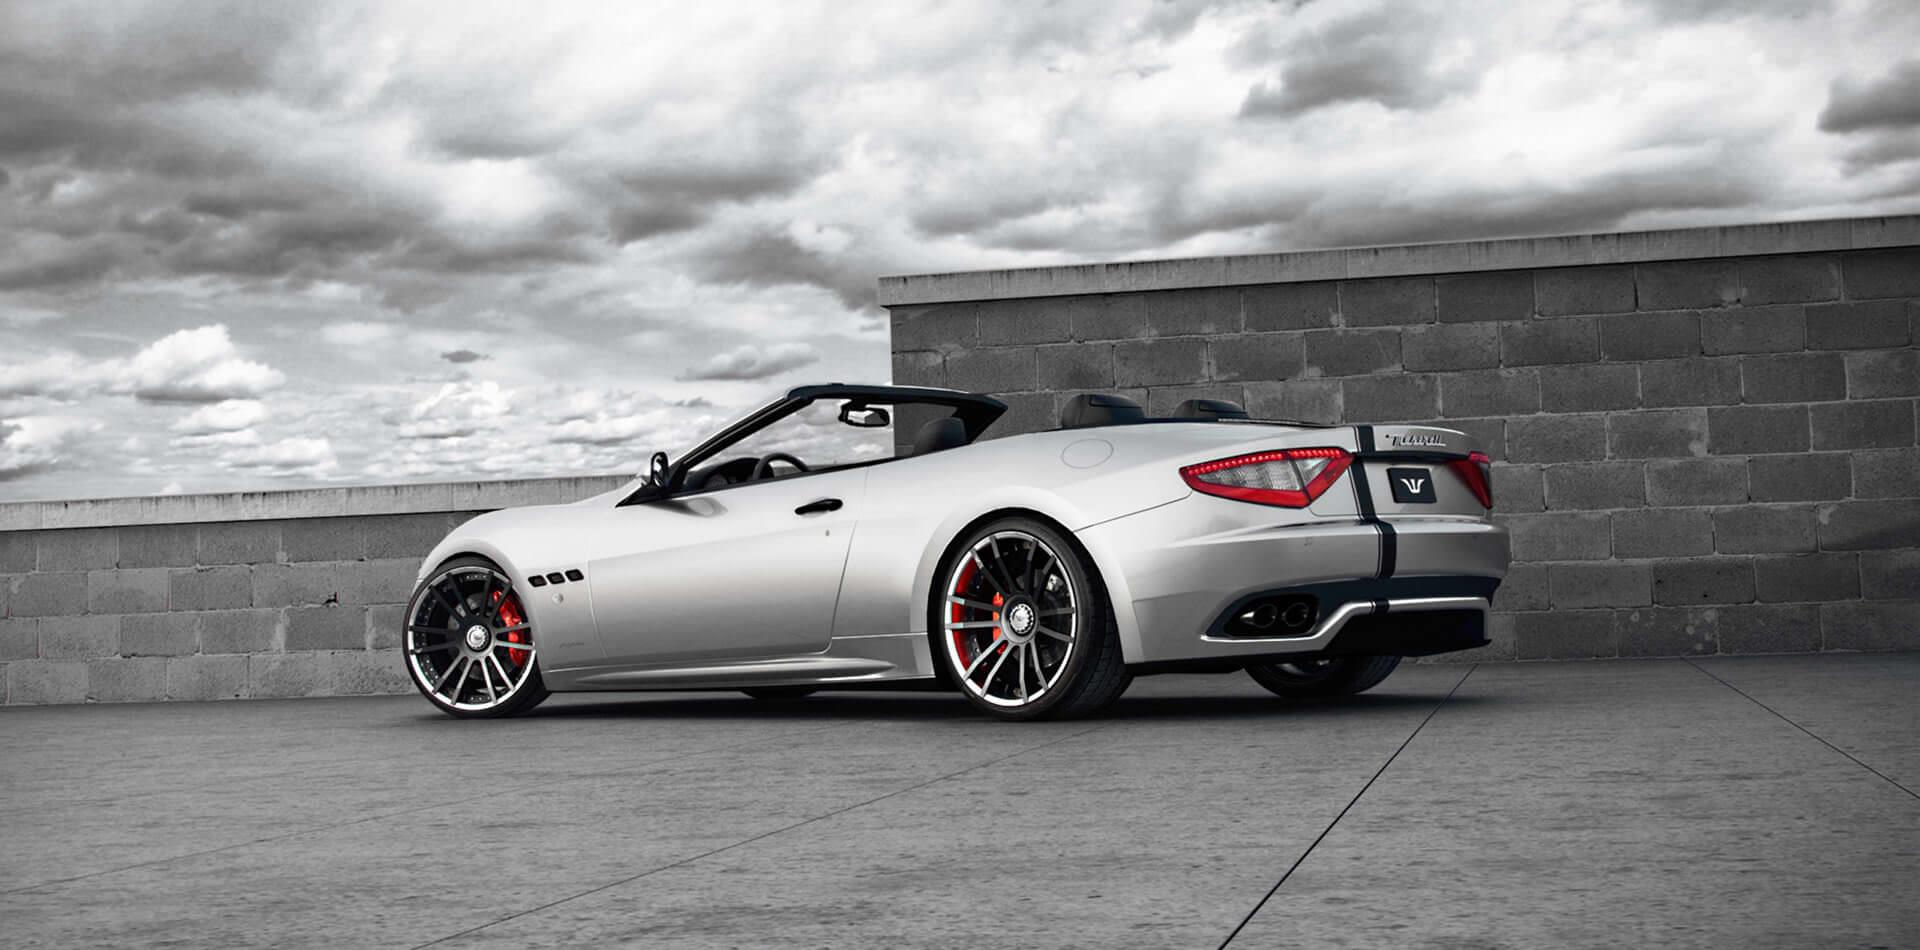 Maserati_GranCabrio_Felgen_tuning